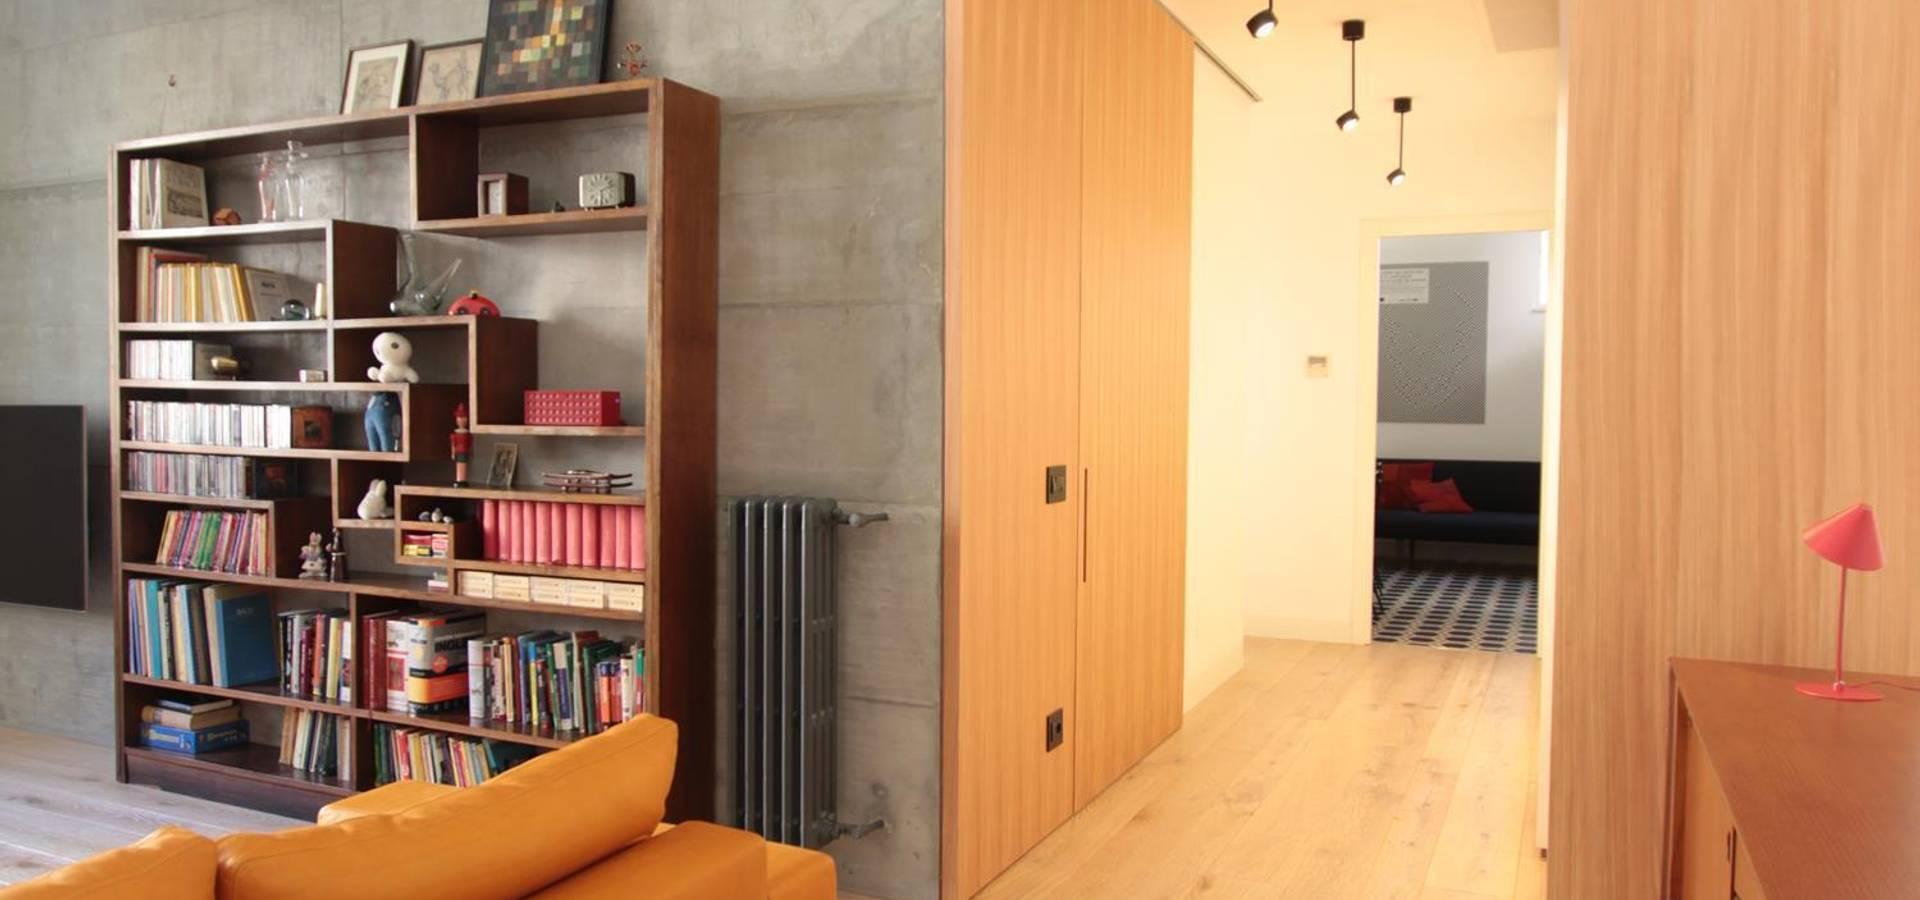 Ristrutturazione Casa Roma Prezzi vv-flat ristrutturazione appartamento in roma by studio